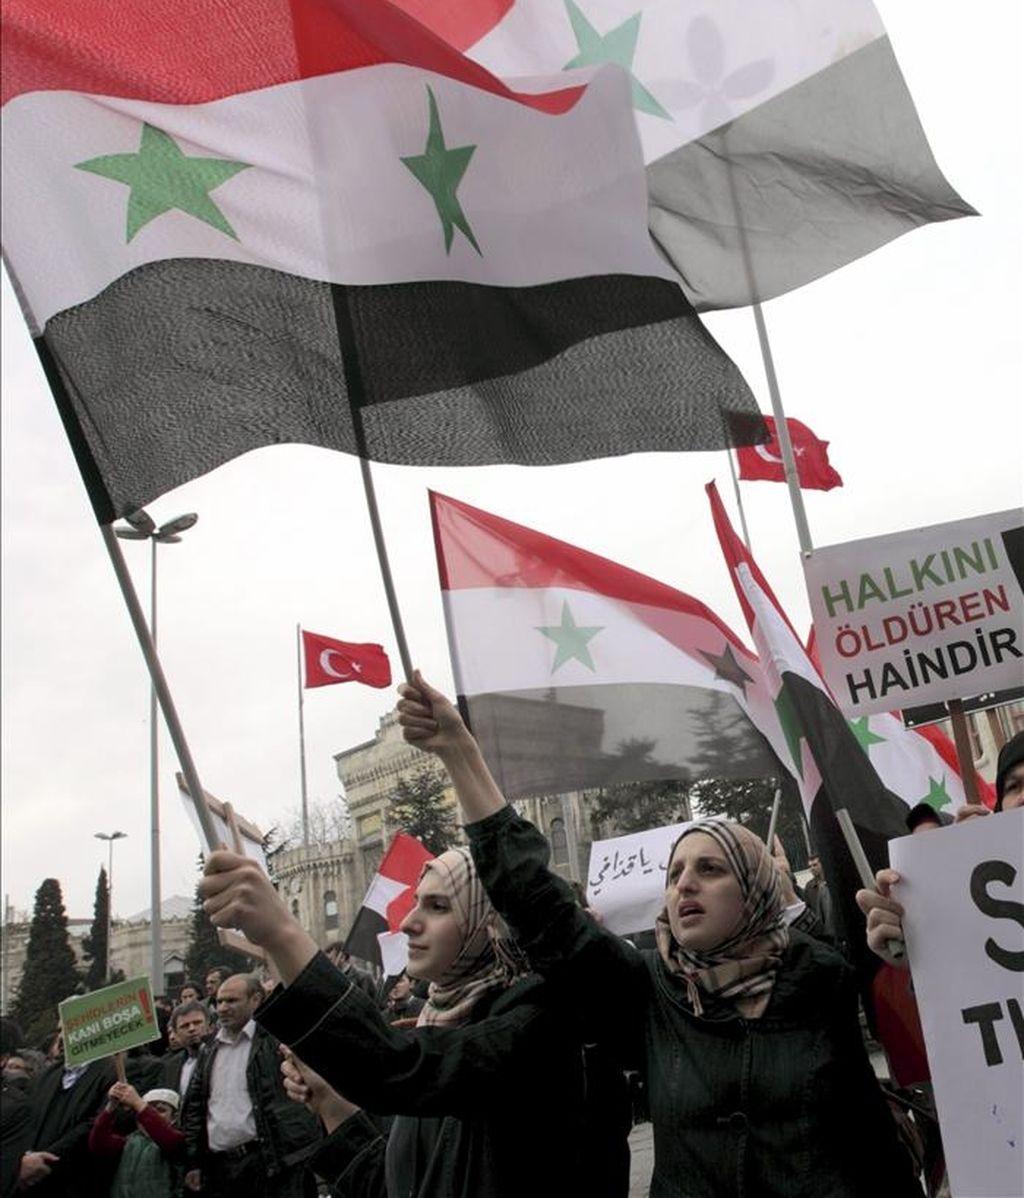 Un grupo de manifestantes participa en una protesta contra el gobierno del presidente sirio, Bachar al Asad, el 15 de abril de 2011 en Estambul (Turquía). EFE/Archivo